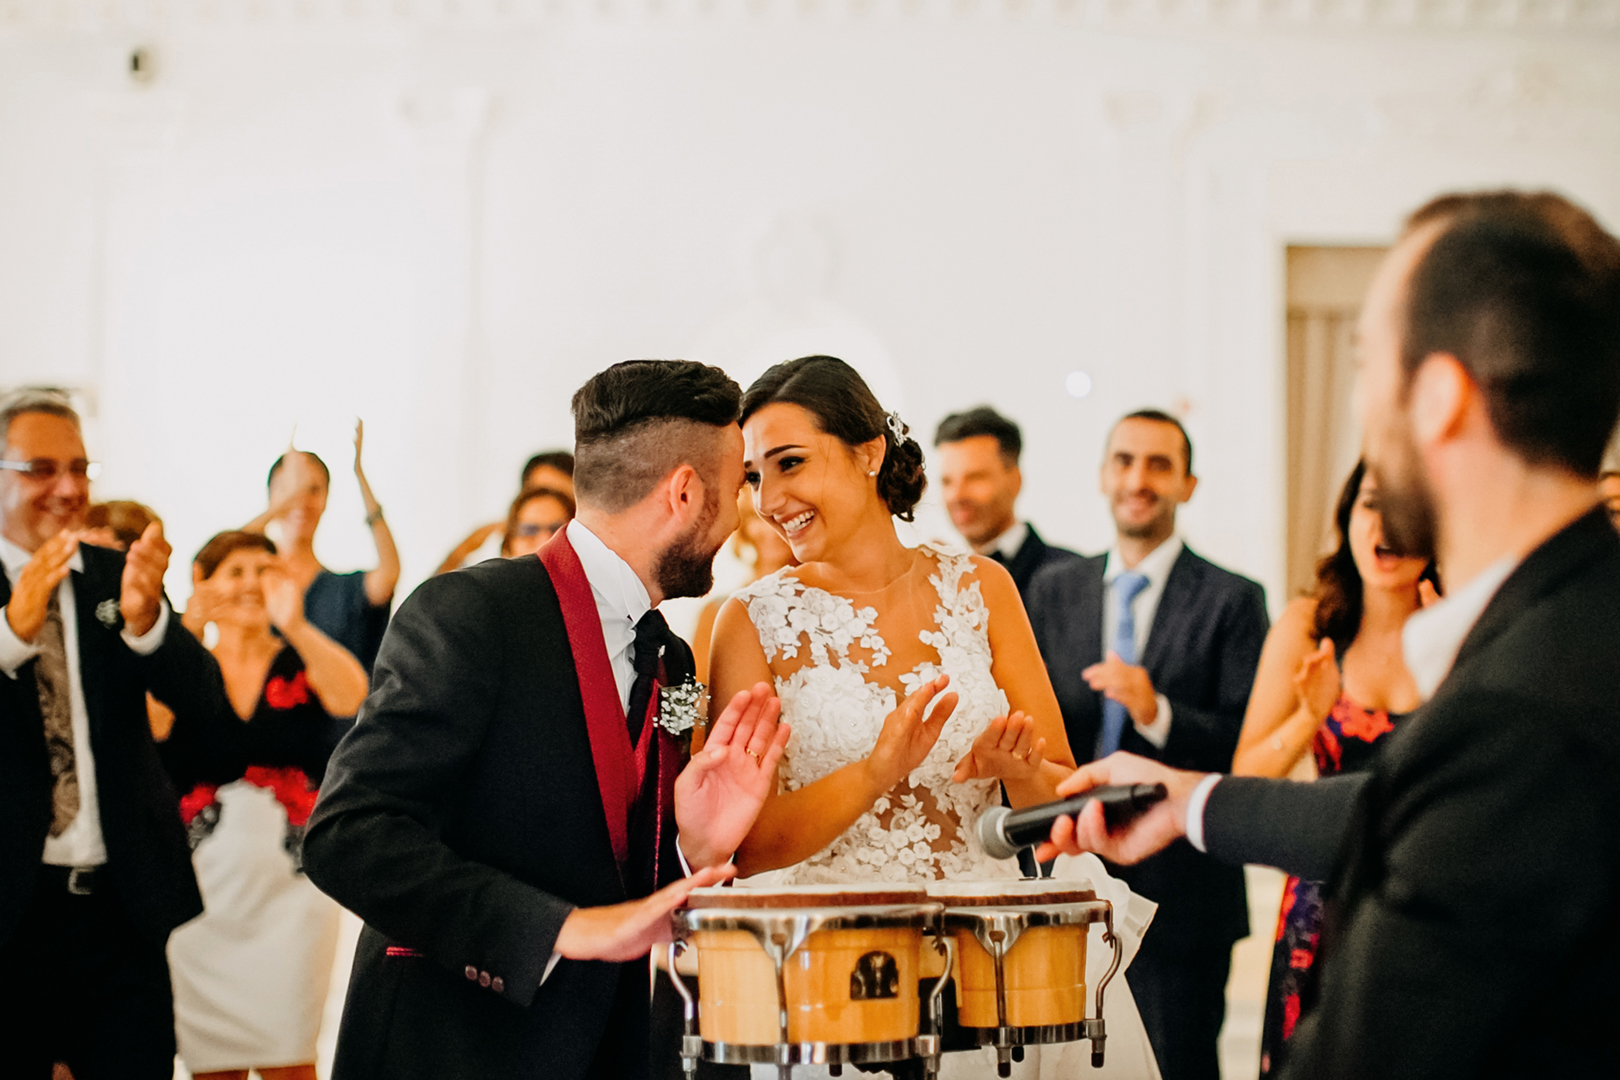 55 gianni-lepore-sposi-balli-amici-weddingday